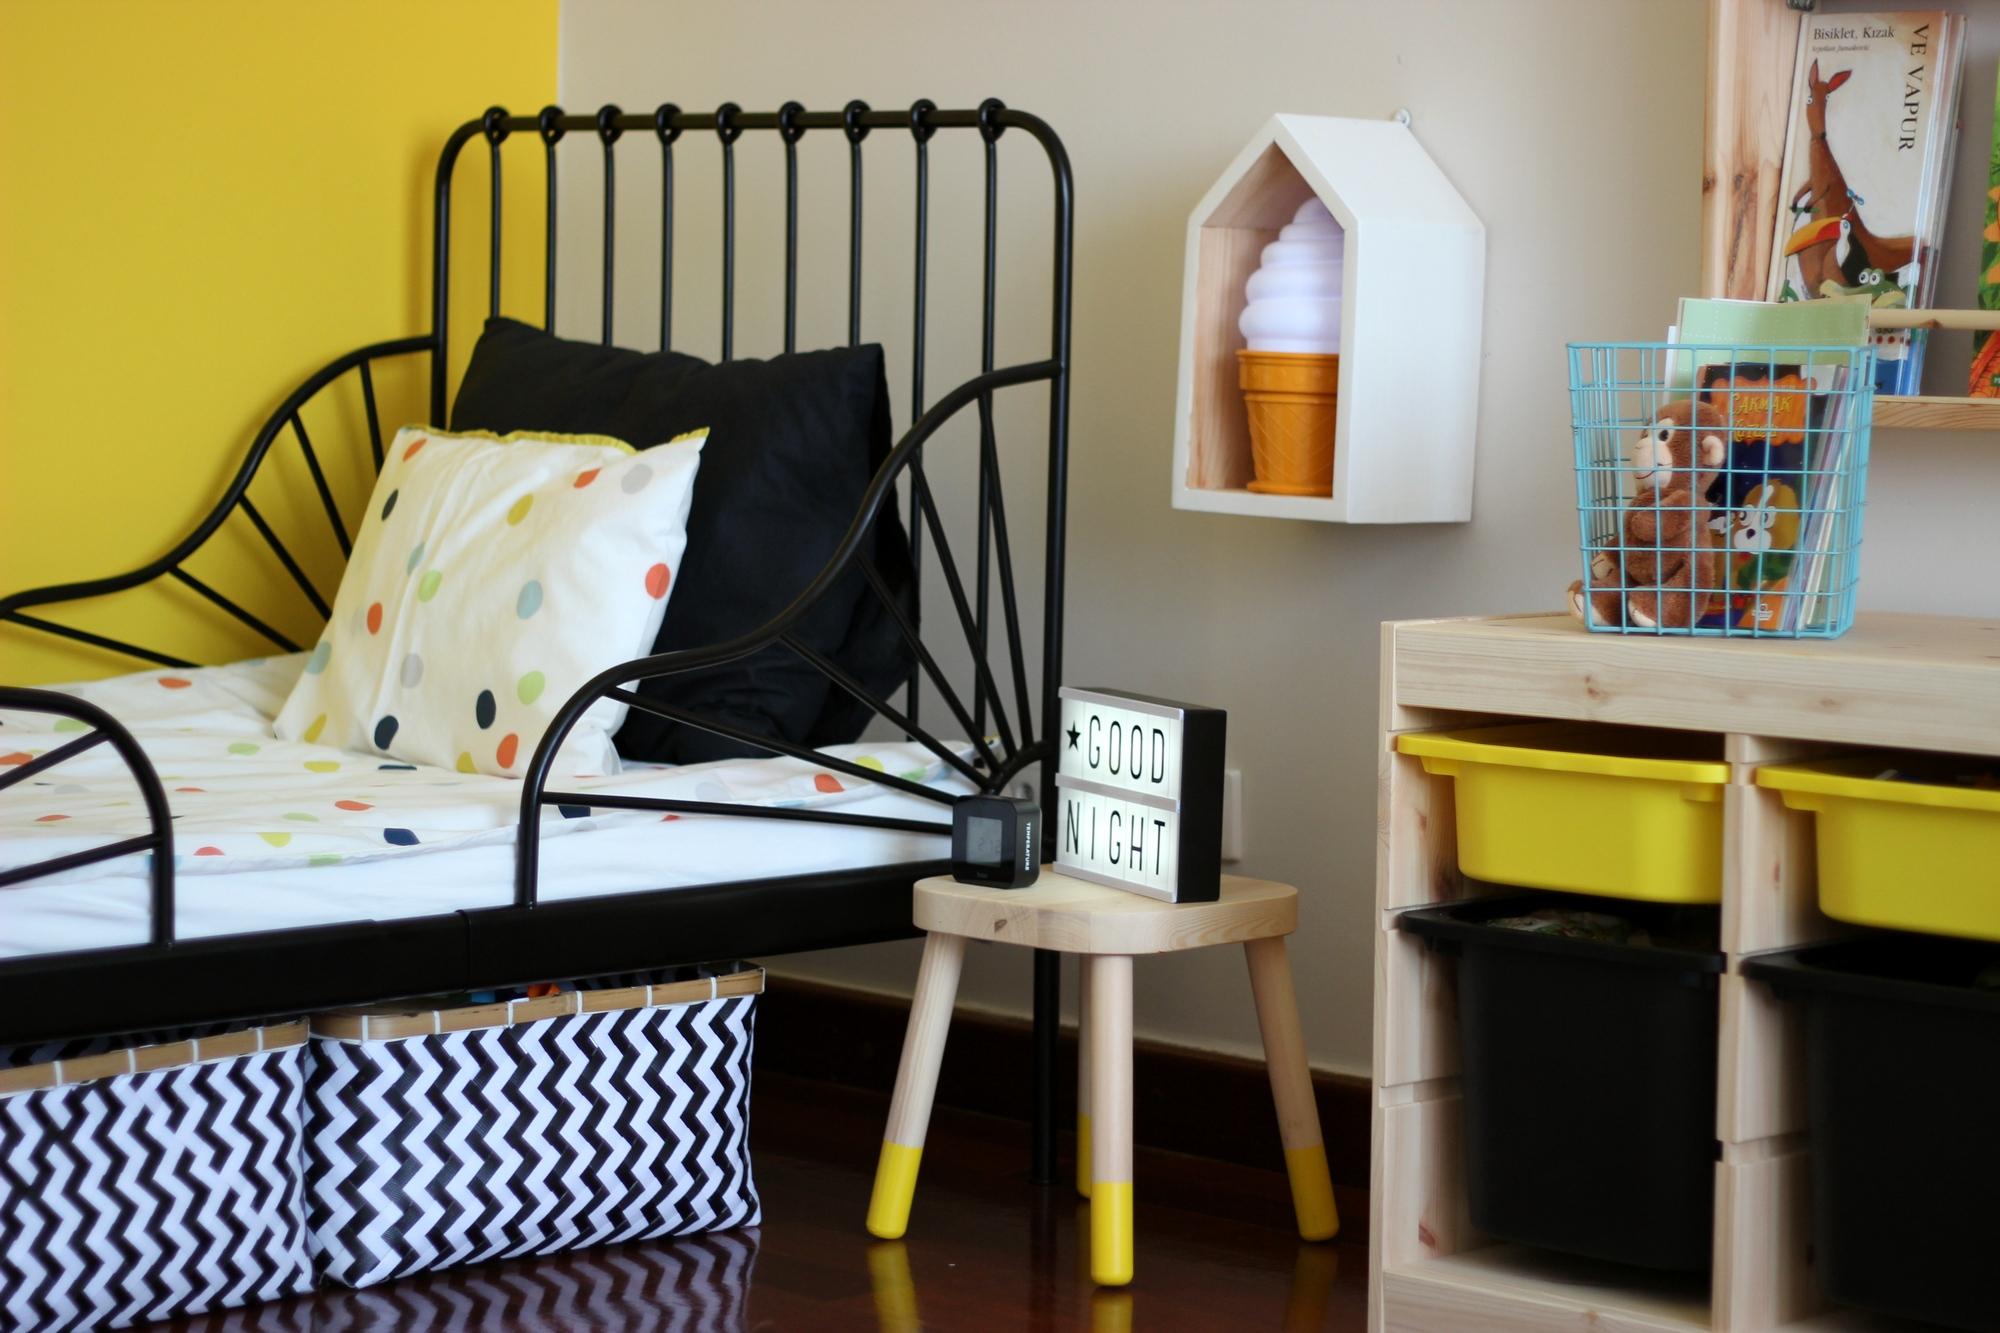 çocuk odası kidslivingetc mimari danışmanlık